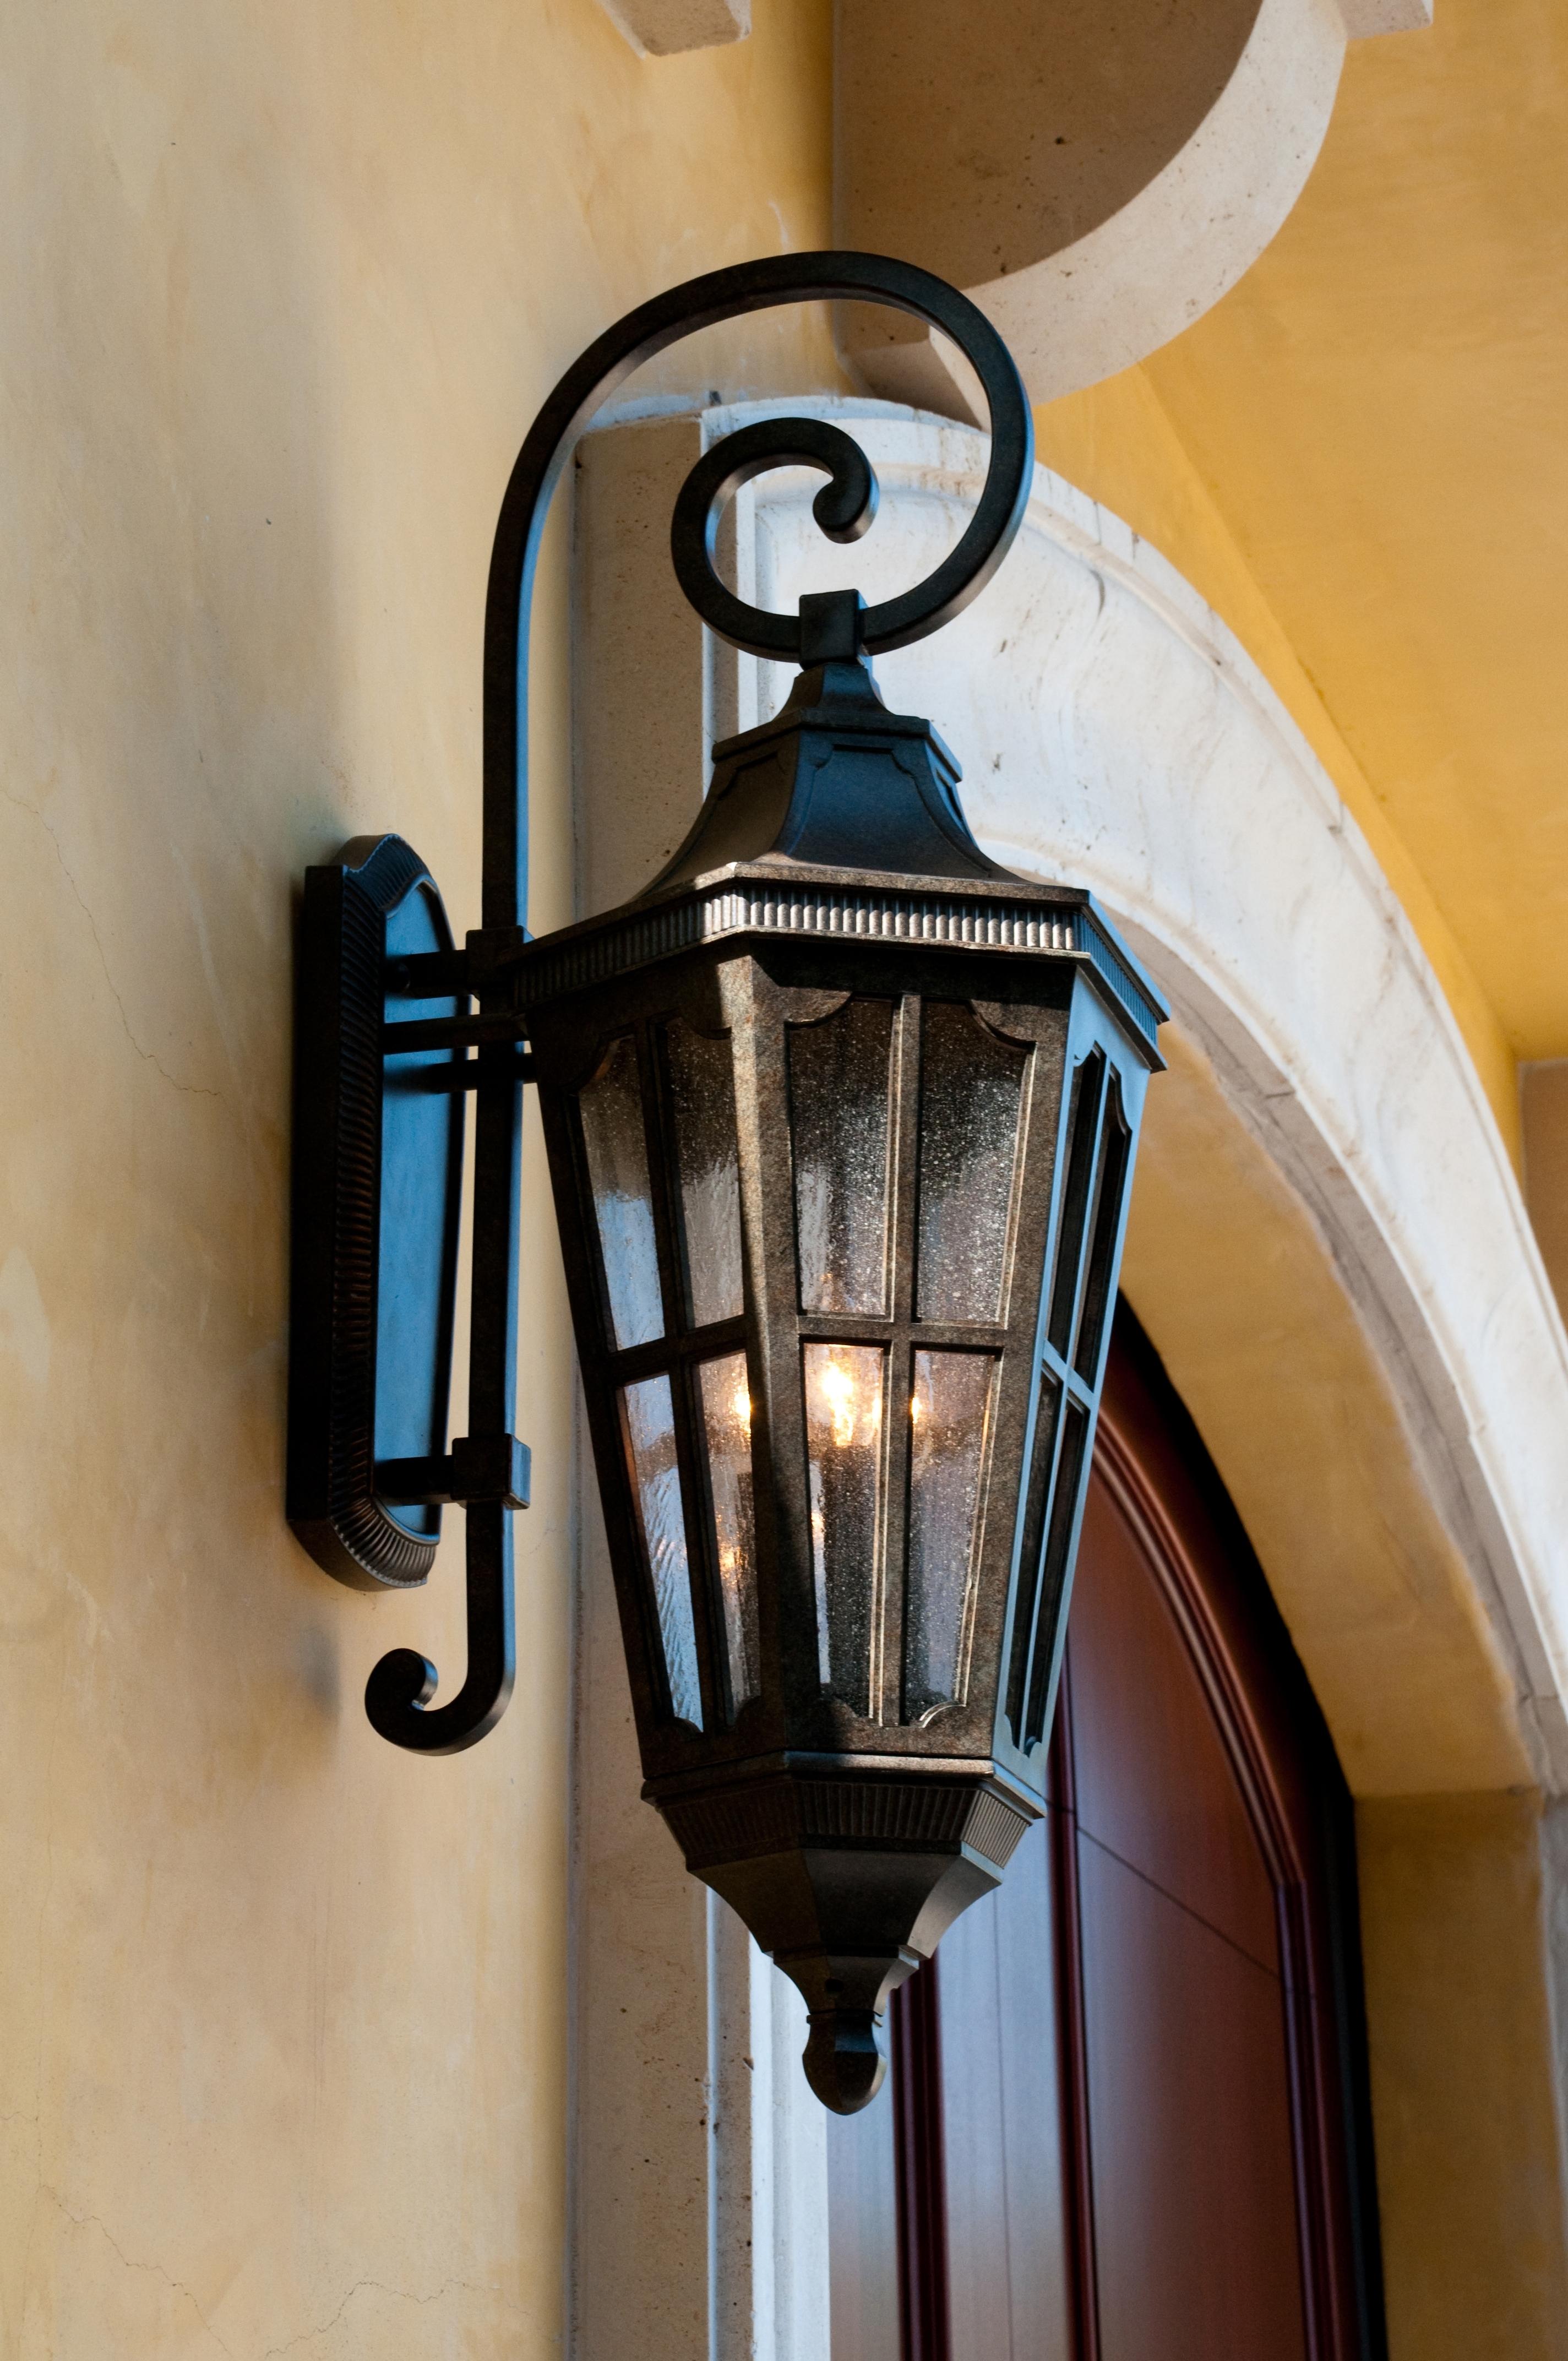 Beacon Hill Vx 3 Light Outdoor Wall Lantern – Outdoor Wall Mount With Beacon Outdoor Wall Lighting (#2 of 15)